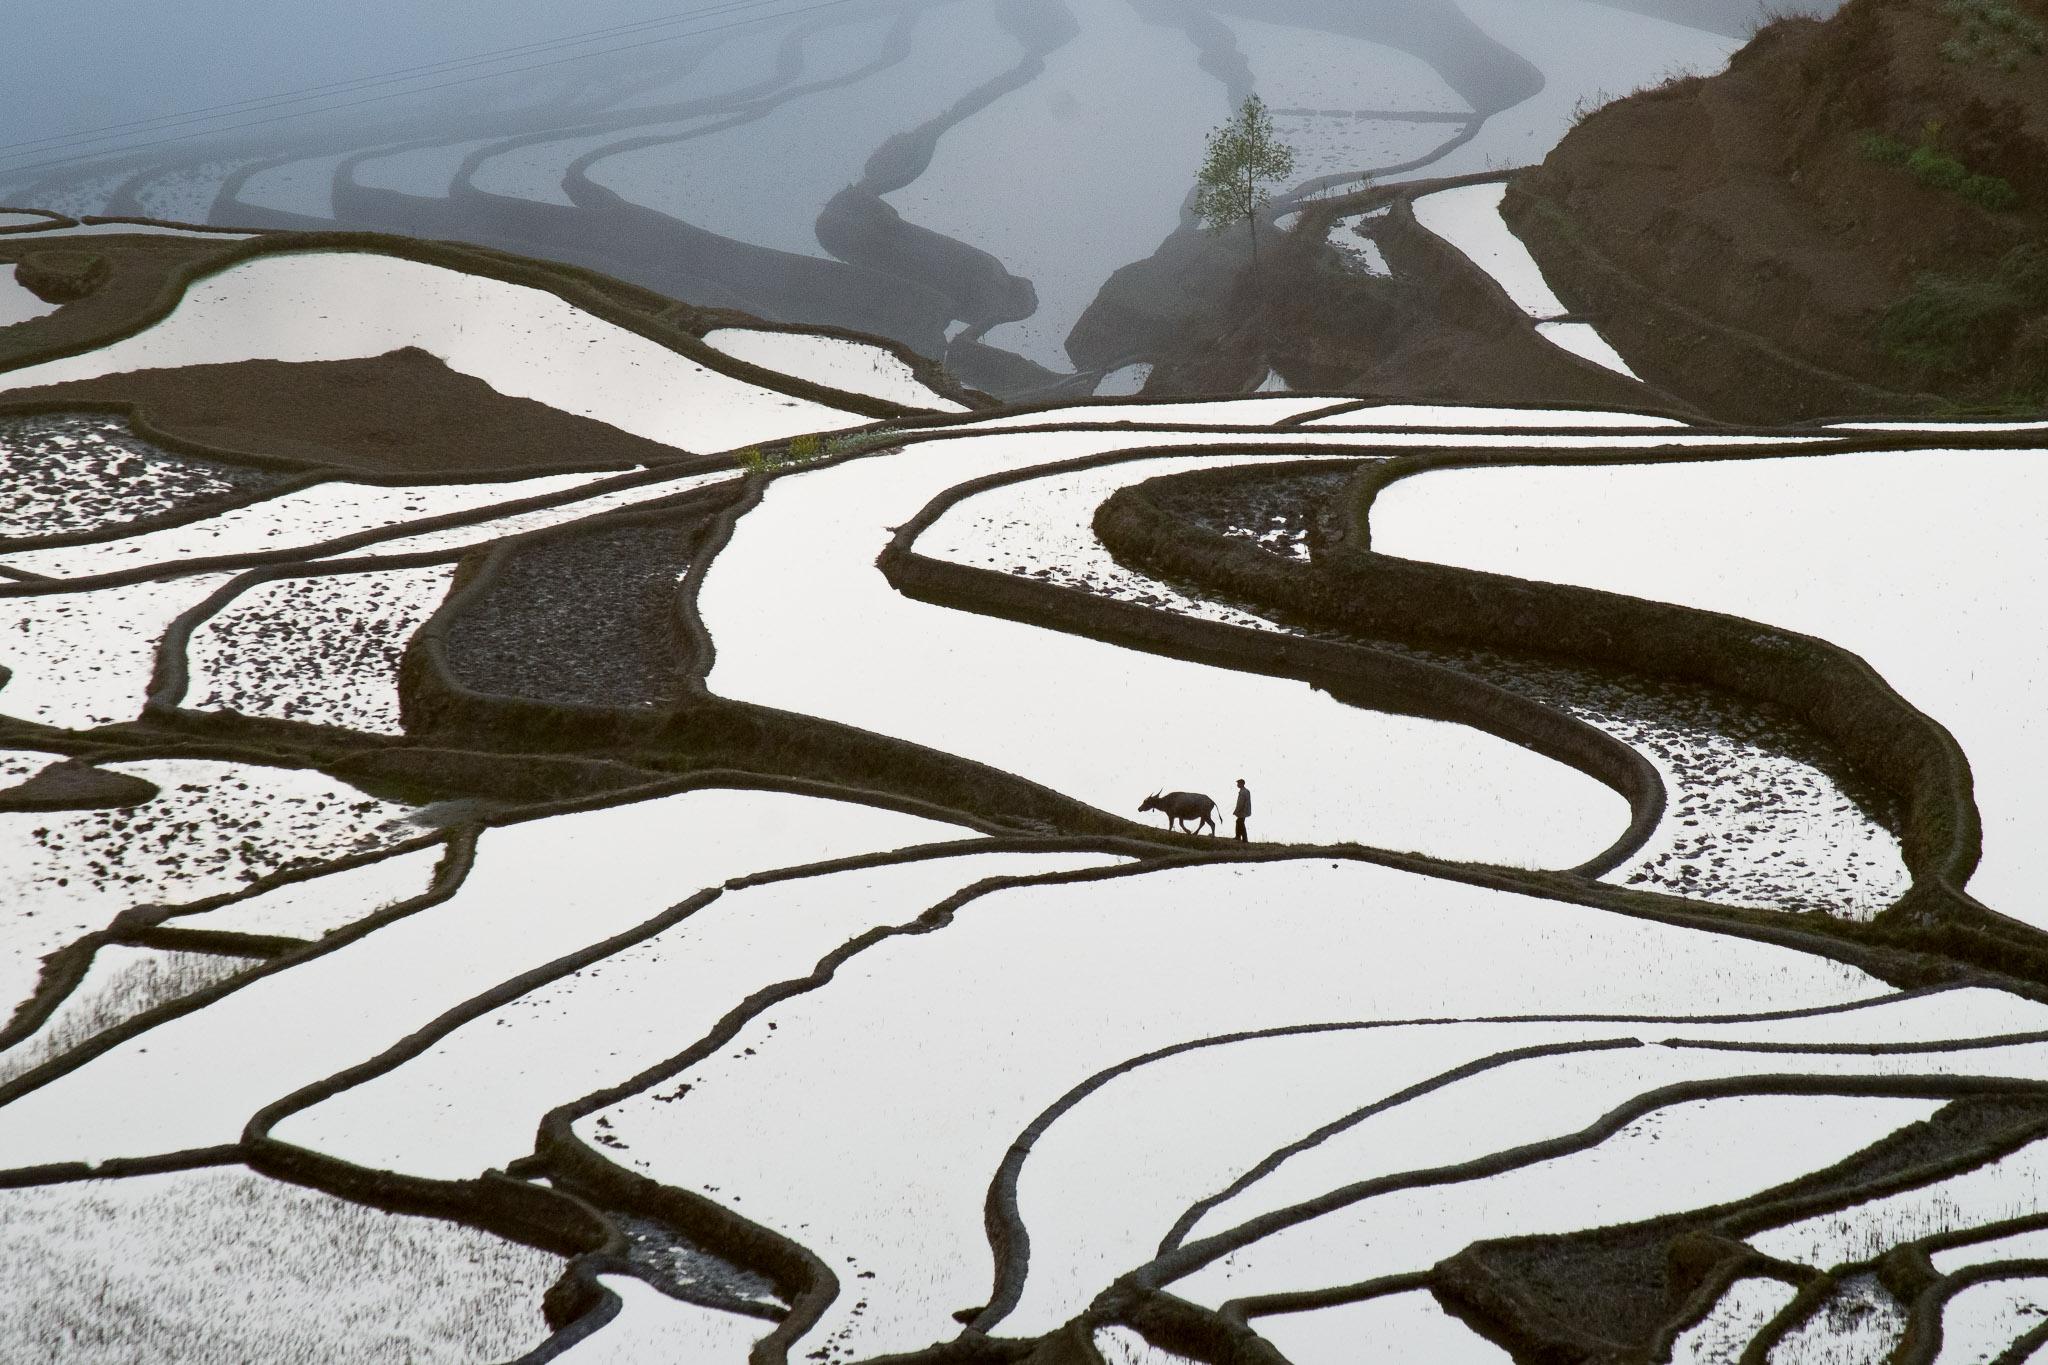 20140225_rice-terrace-1_2879.jpg